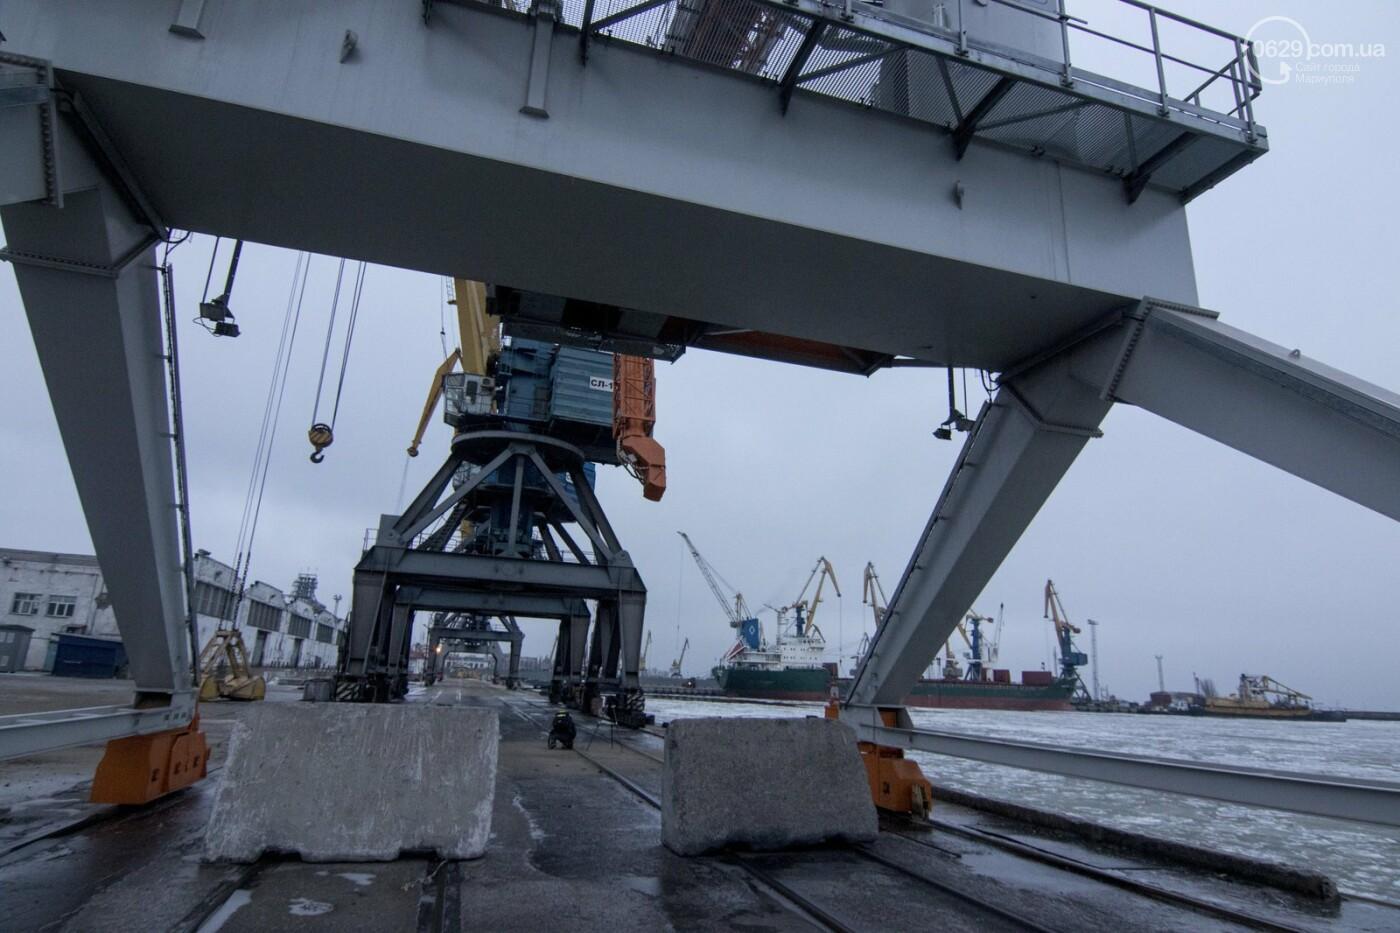 Из-за строительства Керченского моста и незаконной блокады порт Мариуполя потерял 6 миллиардов гривен, - ФОТО, фото-5